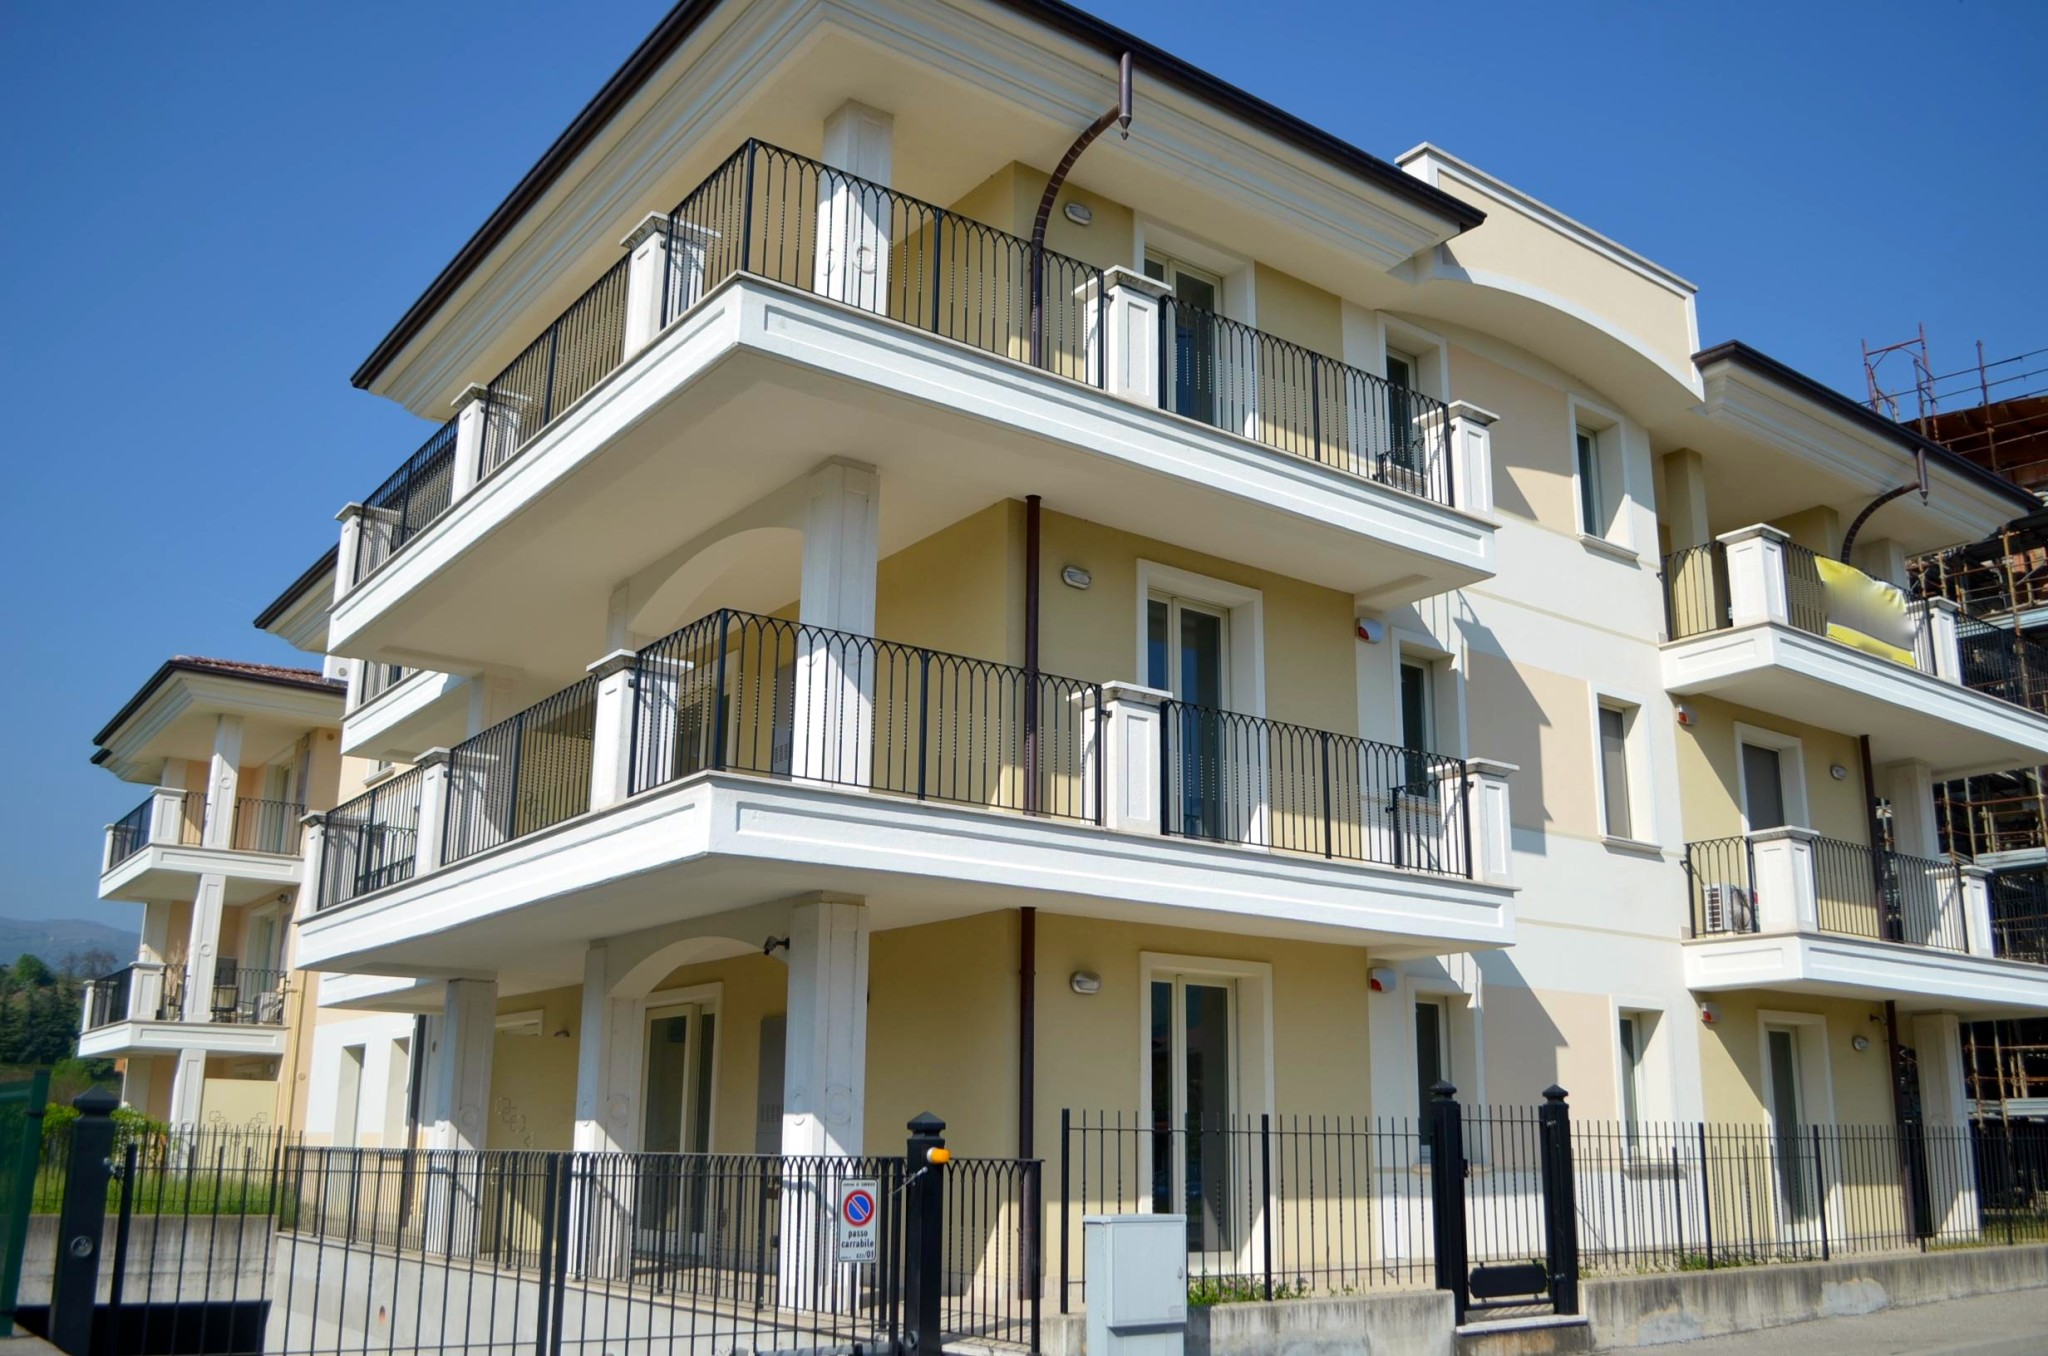 Bergomi immobiliare nuovo bilocale in vendita a sarnico for Case in affitto in provincia di bergamo